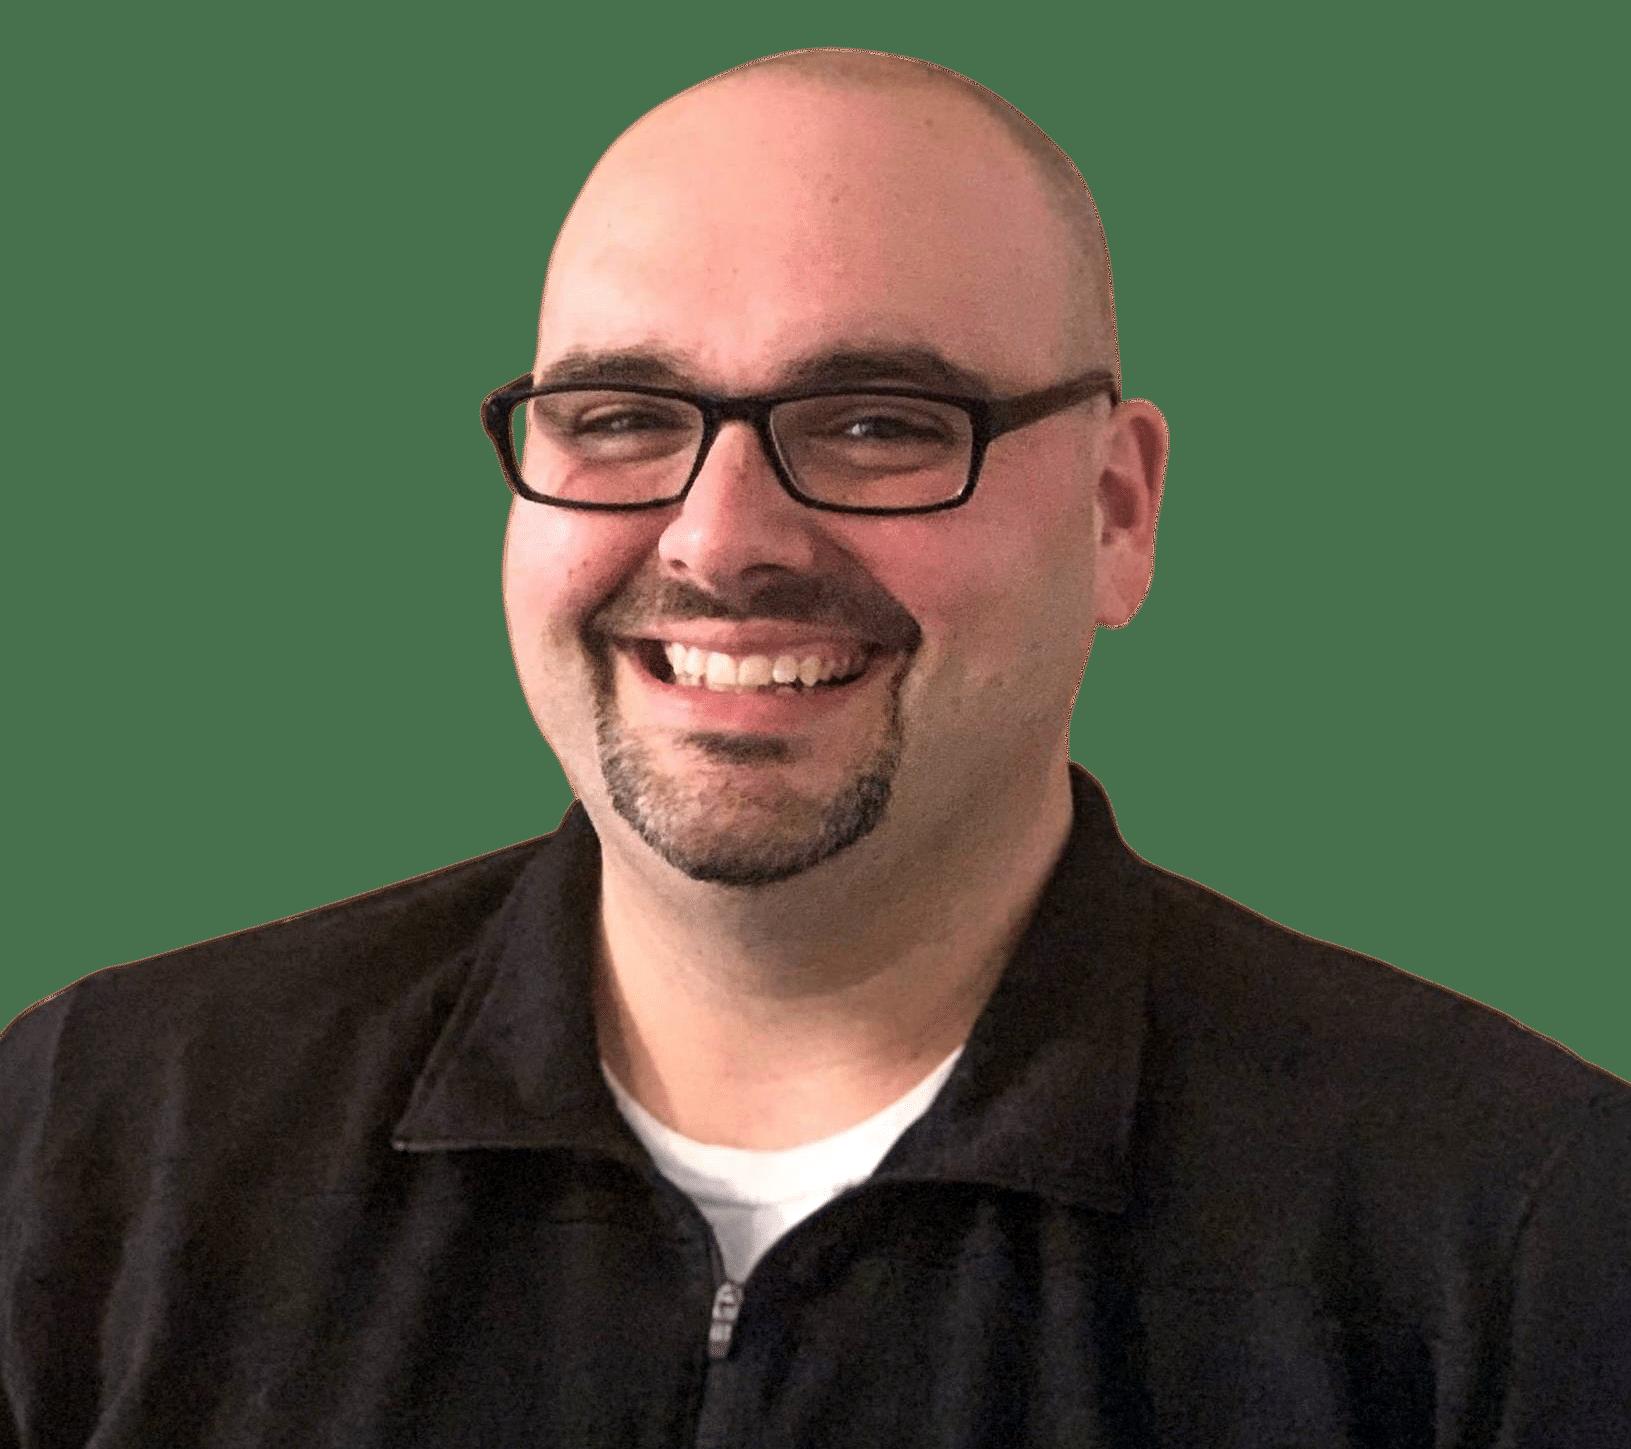 Joshua Wiesler Headshot